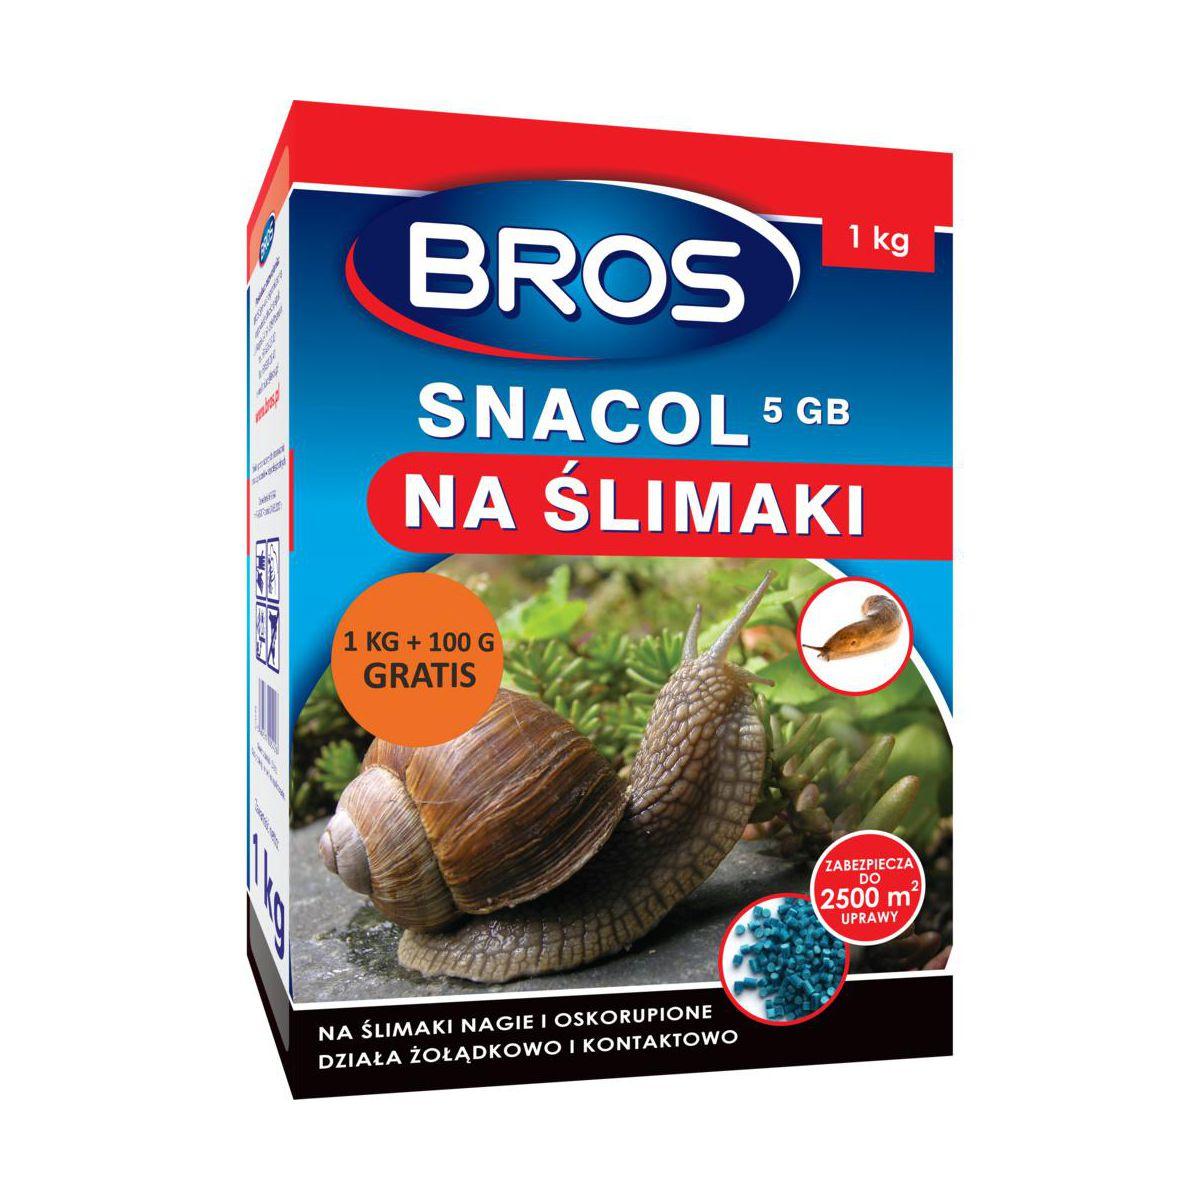 BROS Snacol na ślimaki